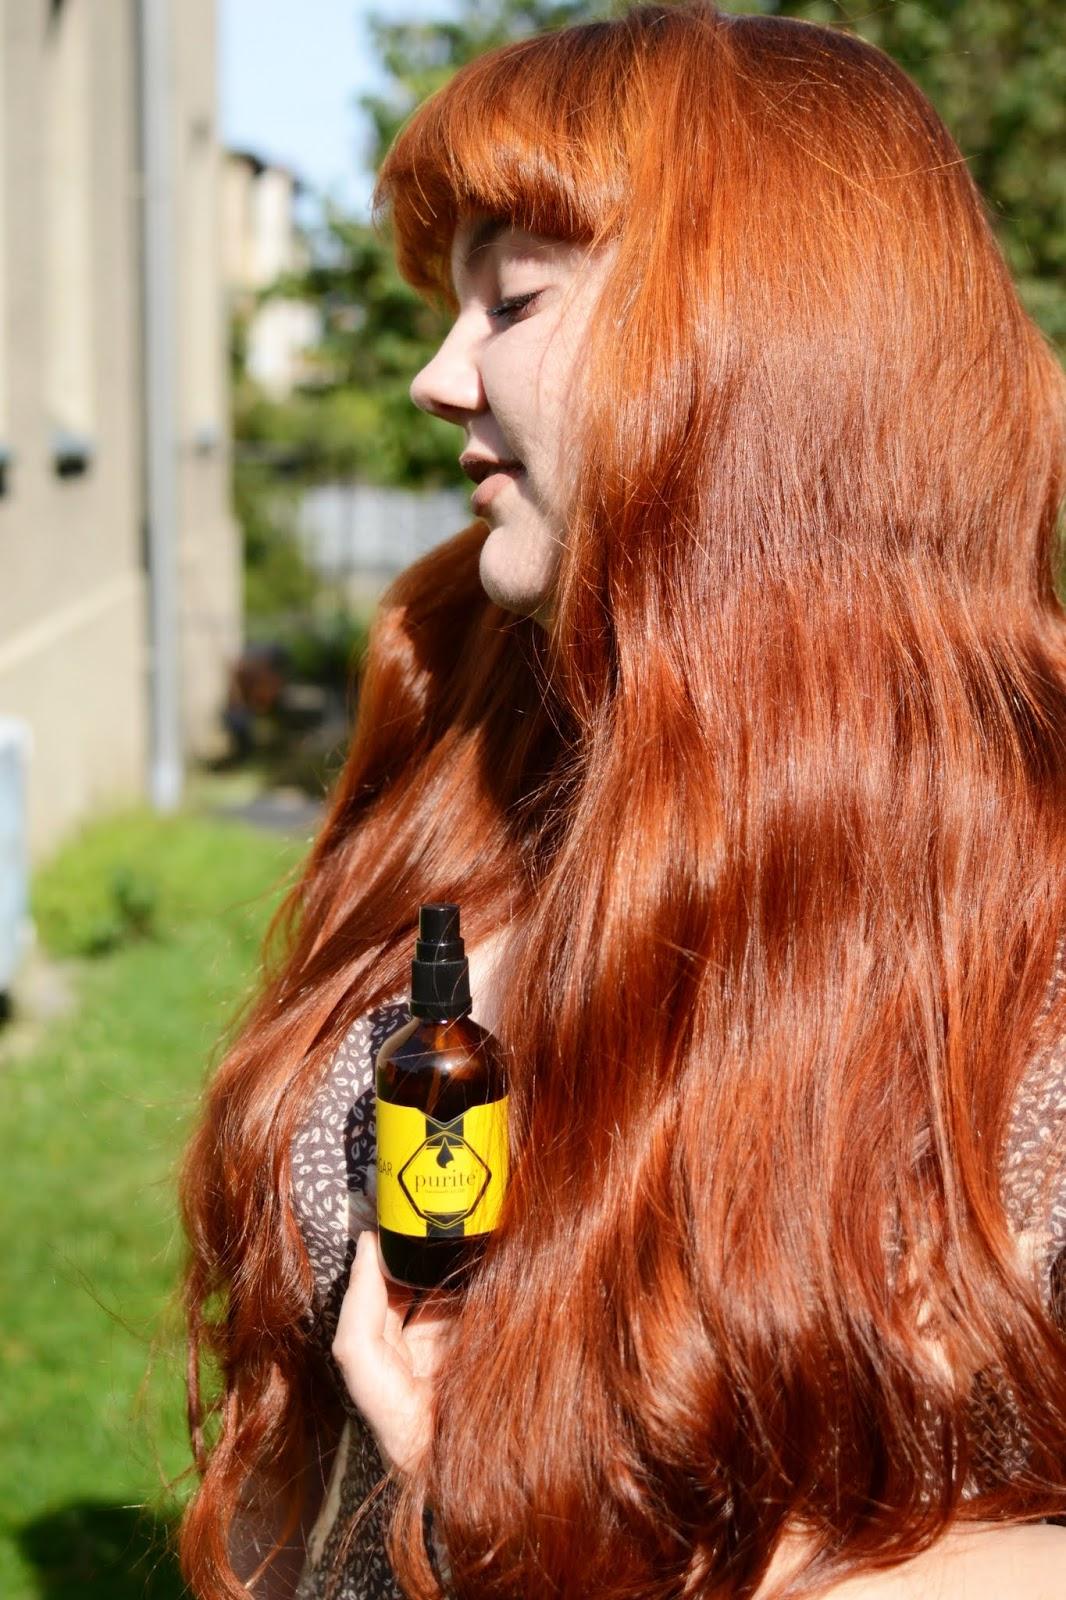 Purite, Spray zakwaszający włosy